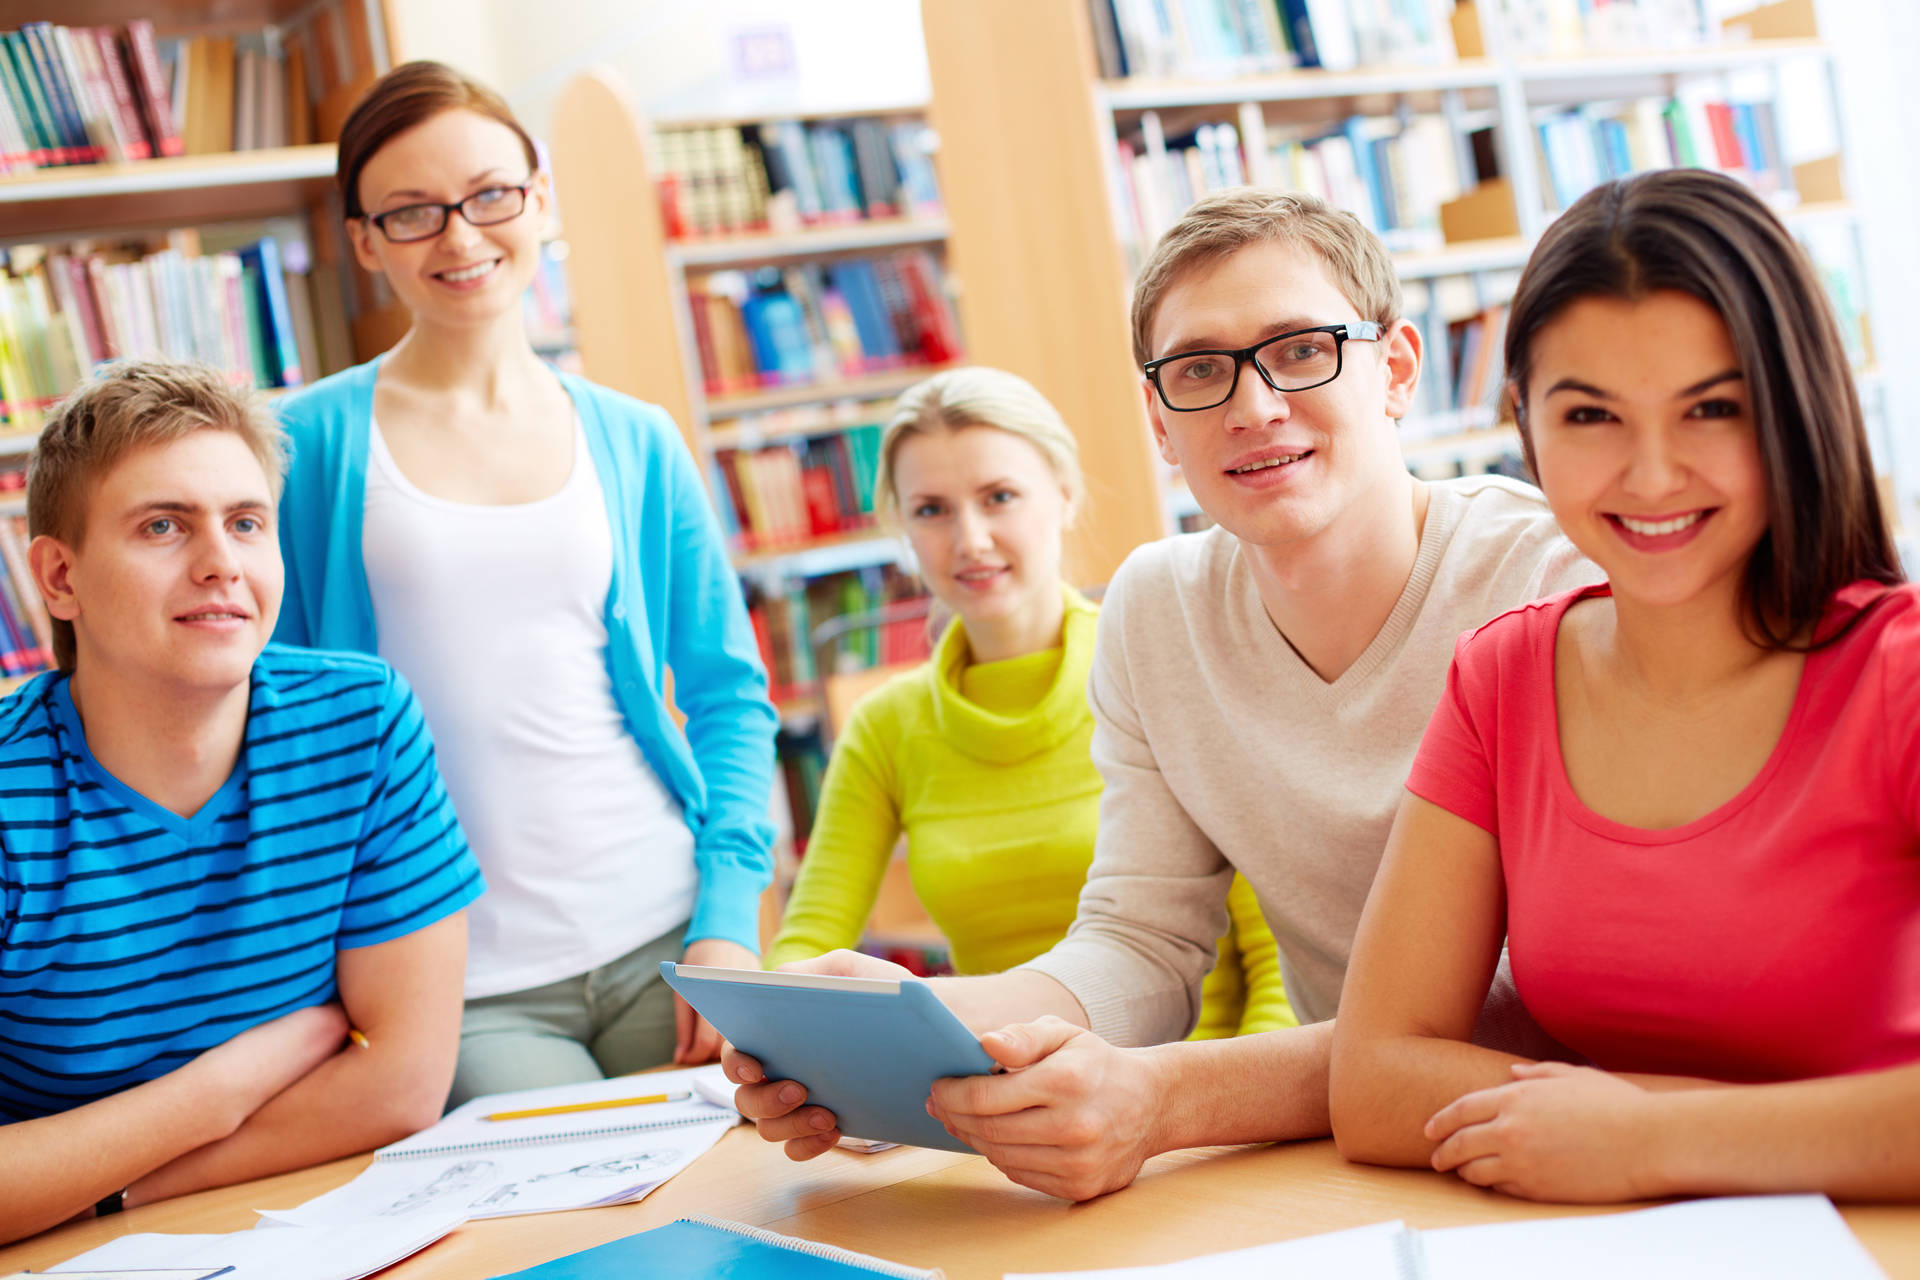 Wiadomość dla rodziców dzieci  z rekrutacji uzupełniającej